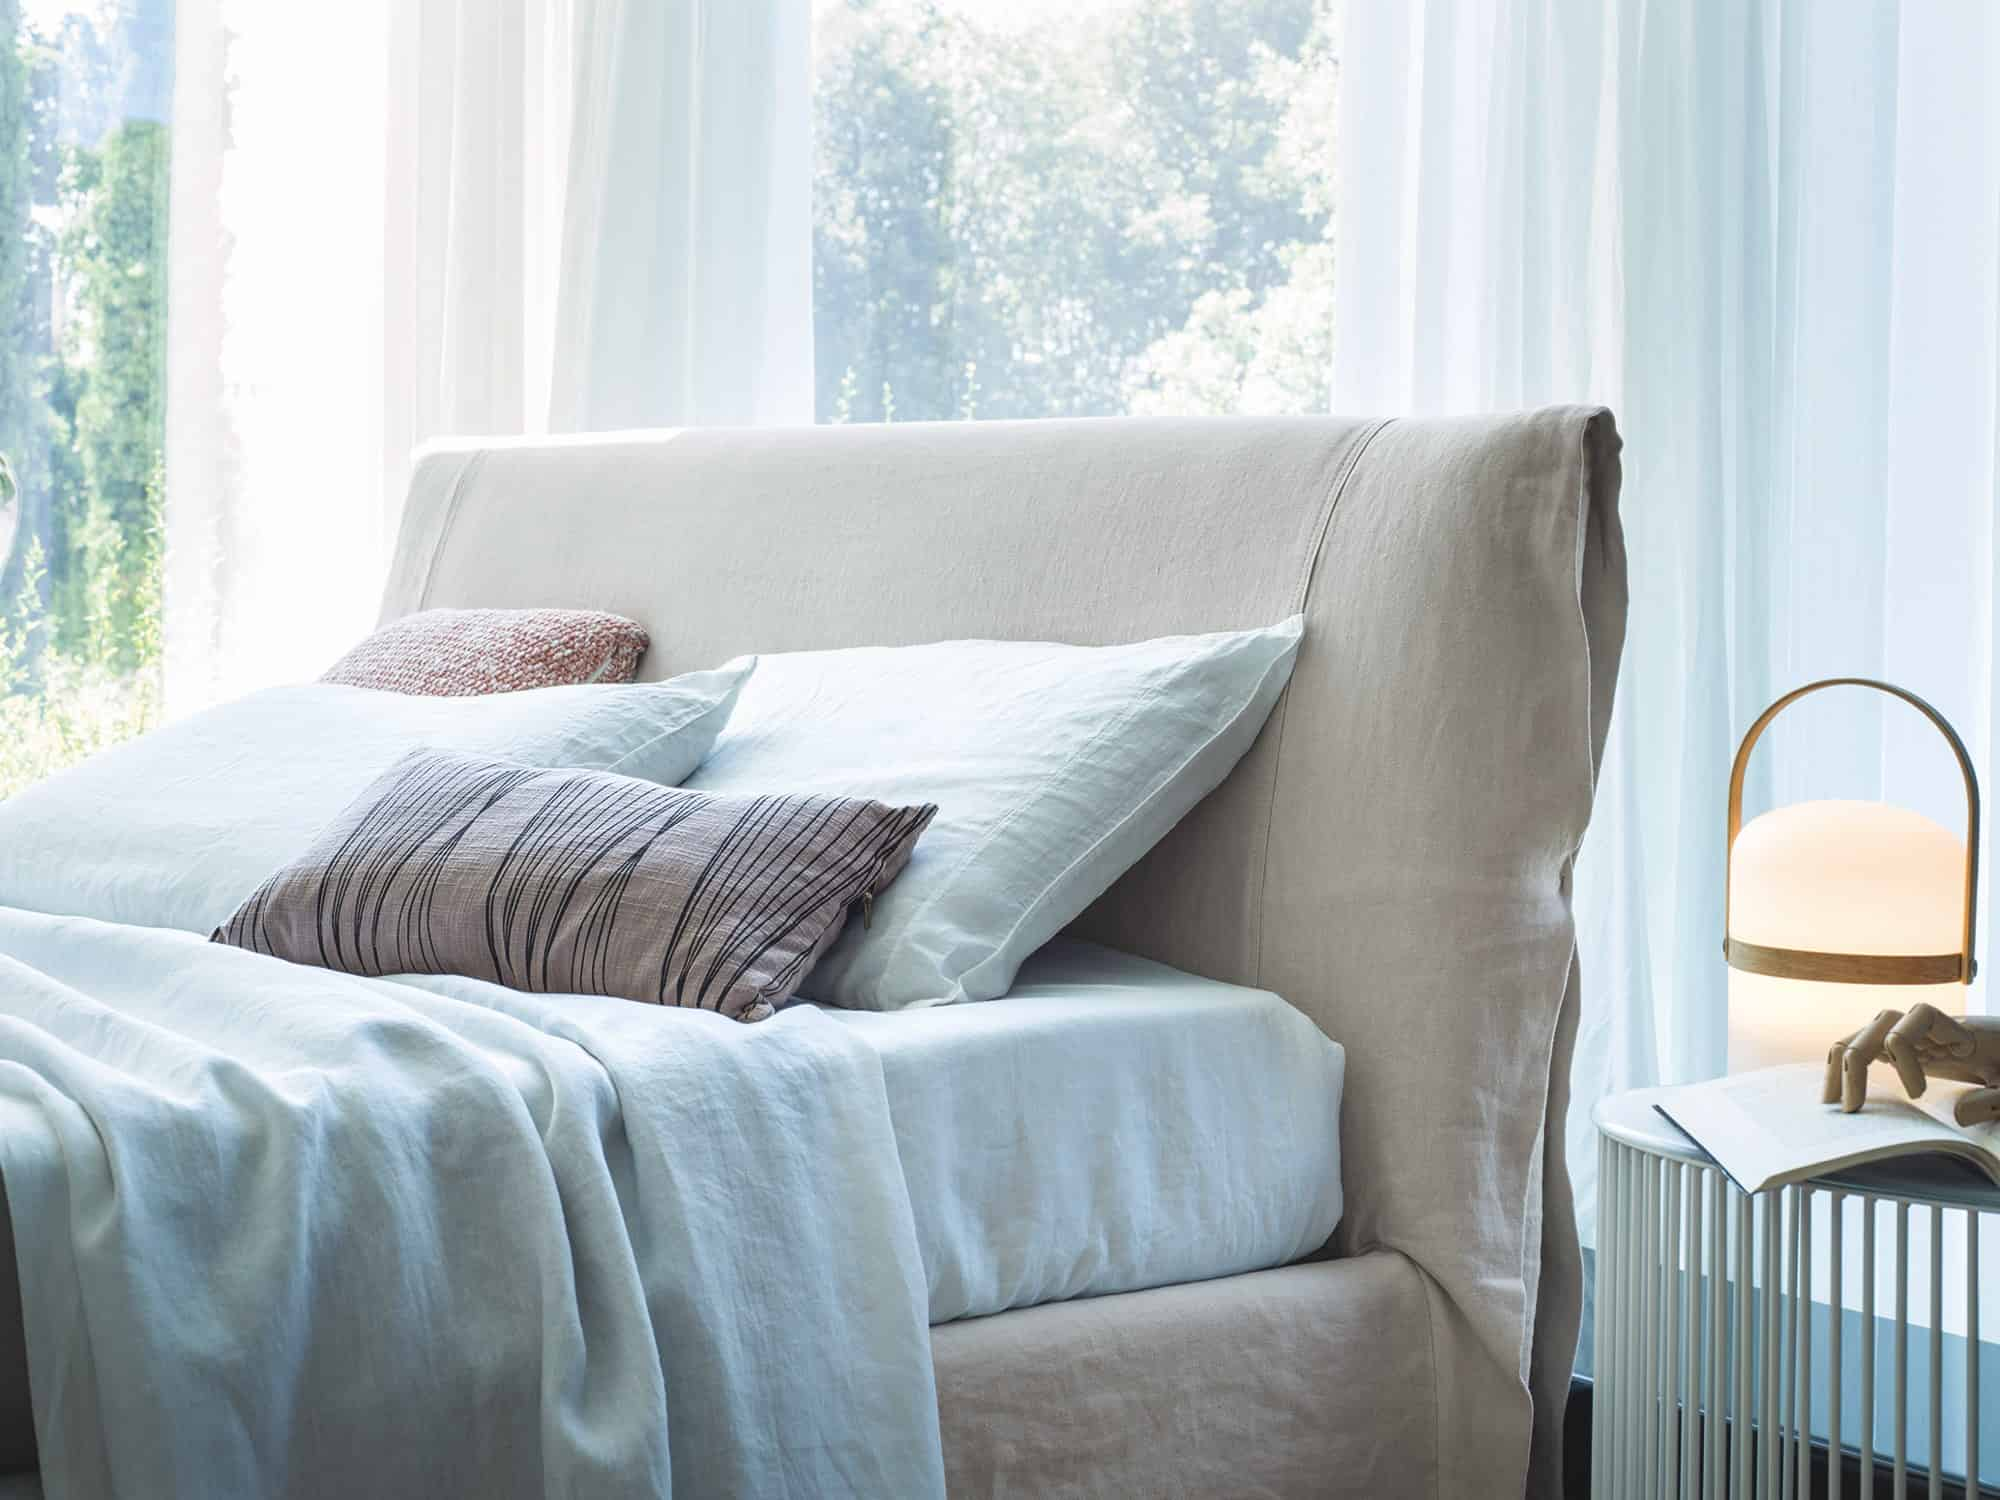 Miranda – Testiera letto capace di offrirti un morbido appoggio nelle letture serali – Linum Nuvola con risvolto interno in contrasto Linum Cenere